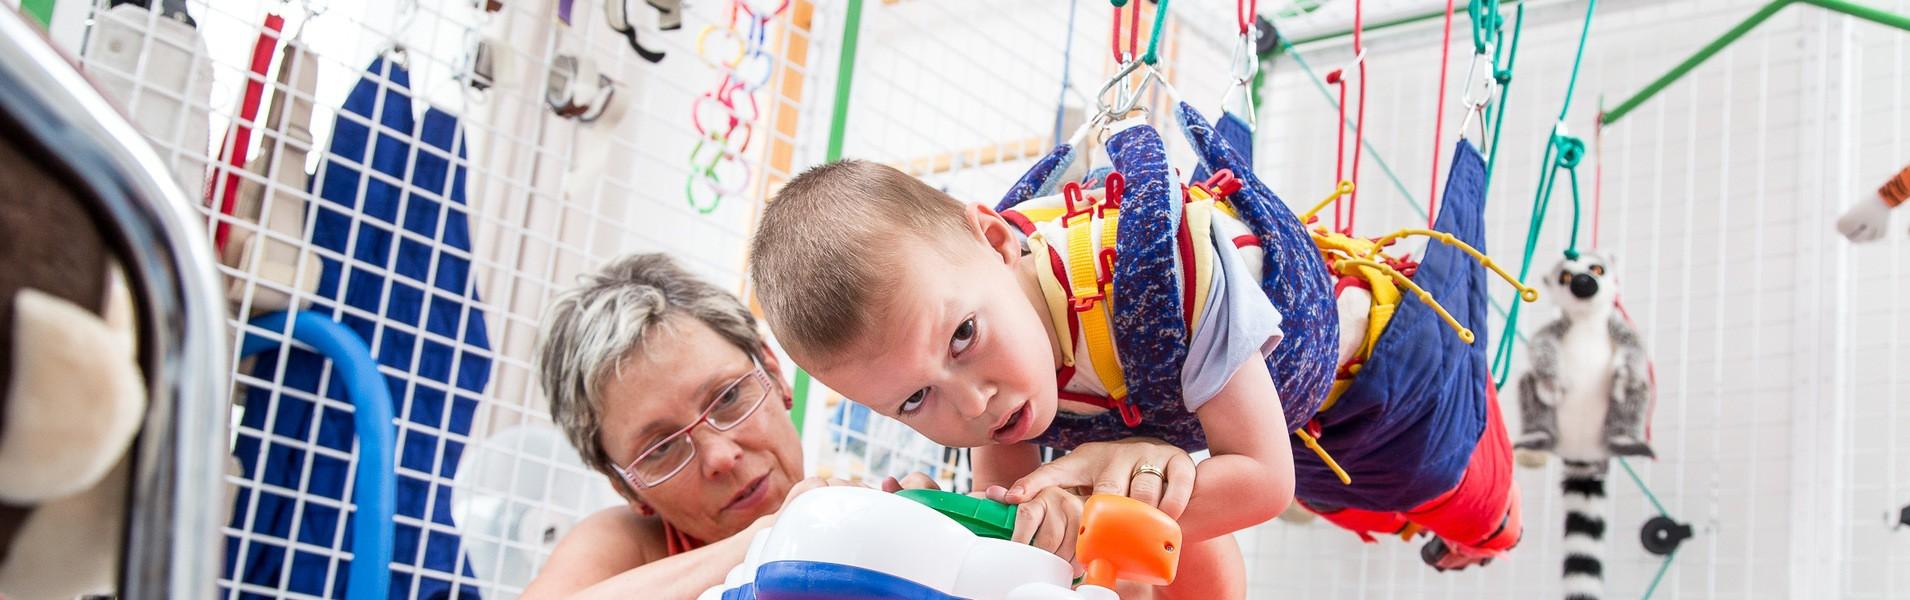 أساليب علاجية فريدة تناسب الأطفال